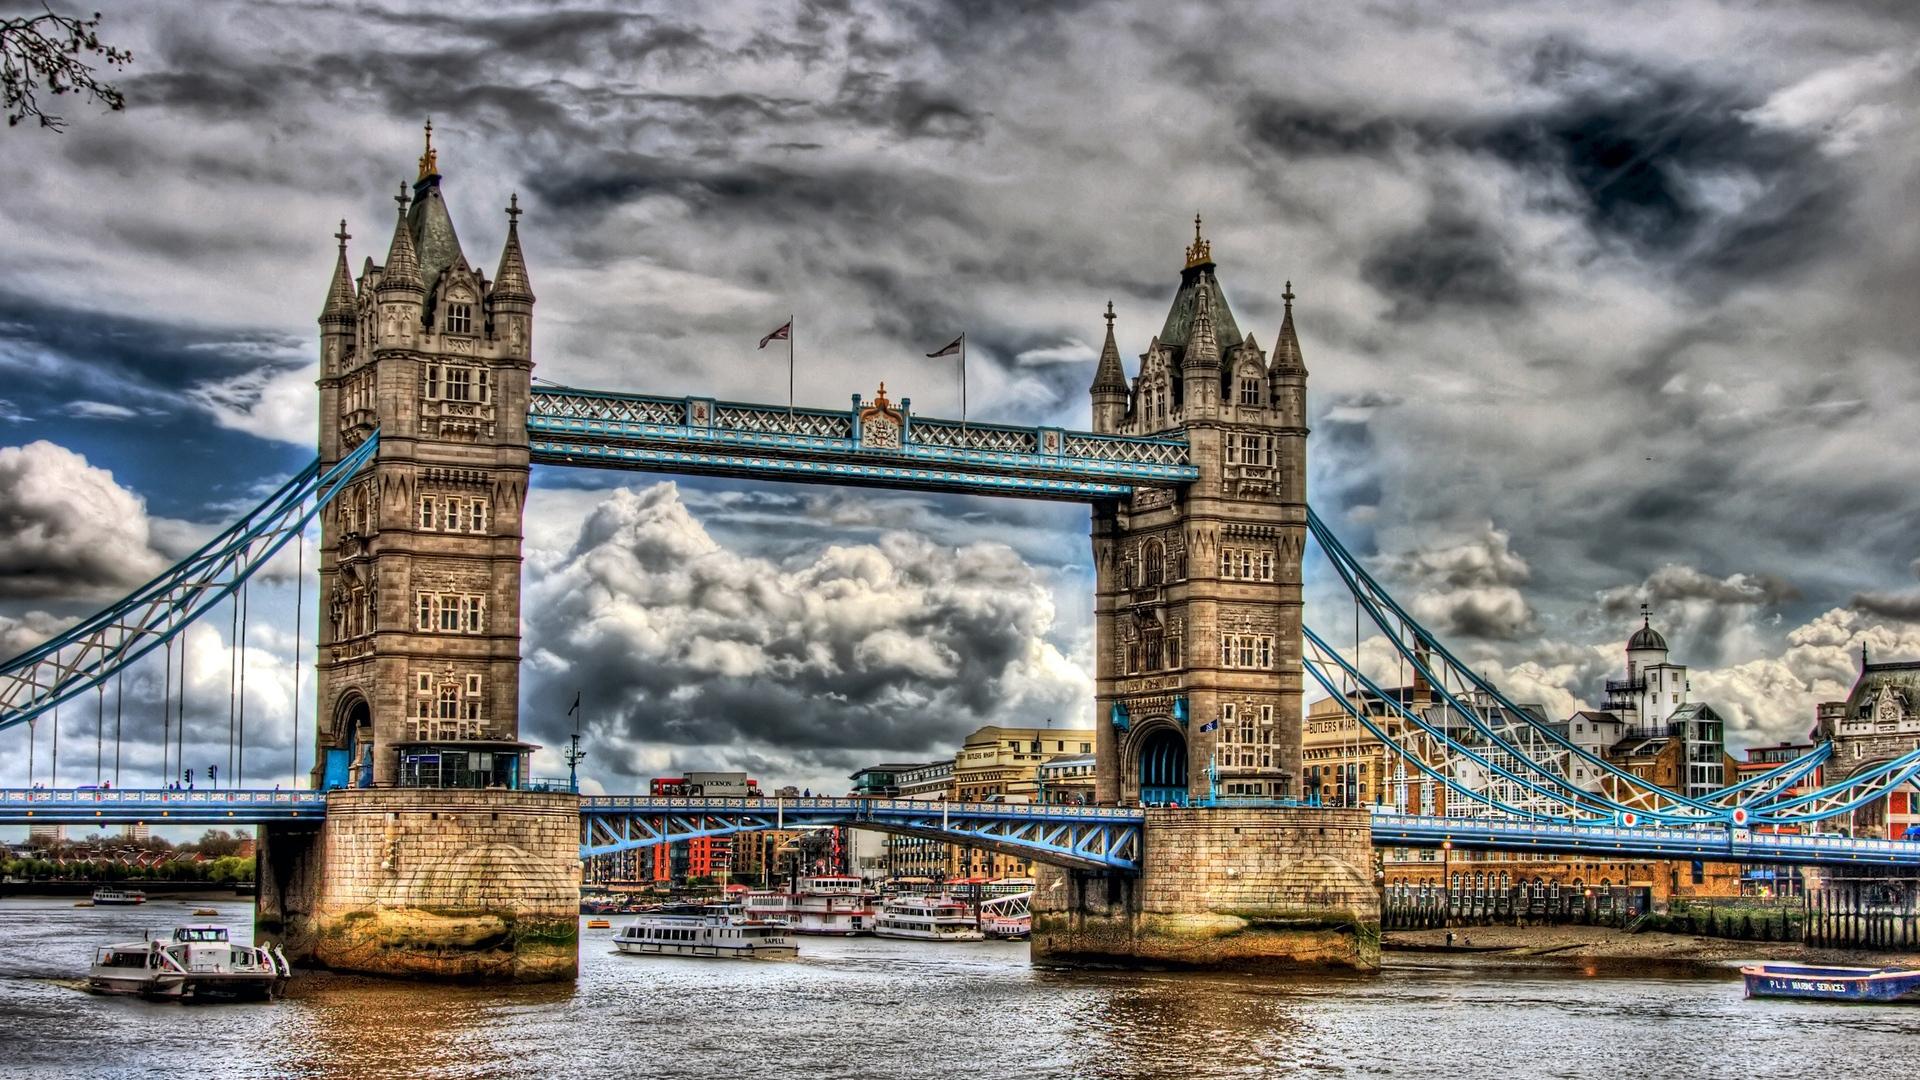 London Viesnīcas Hostels Naktsmītnes Angļu Londona Pasu Rezervācija Visā Pasaulē Lēts Zemu Cenu